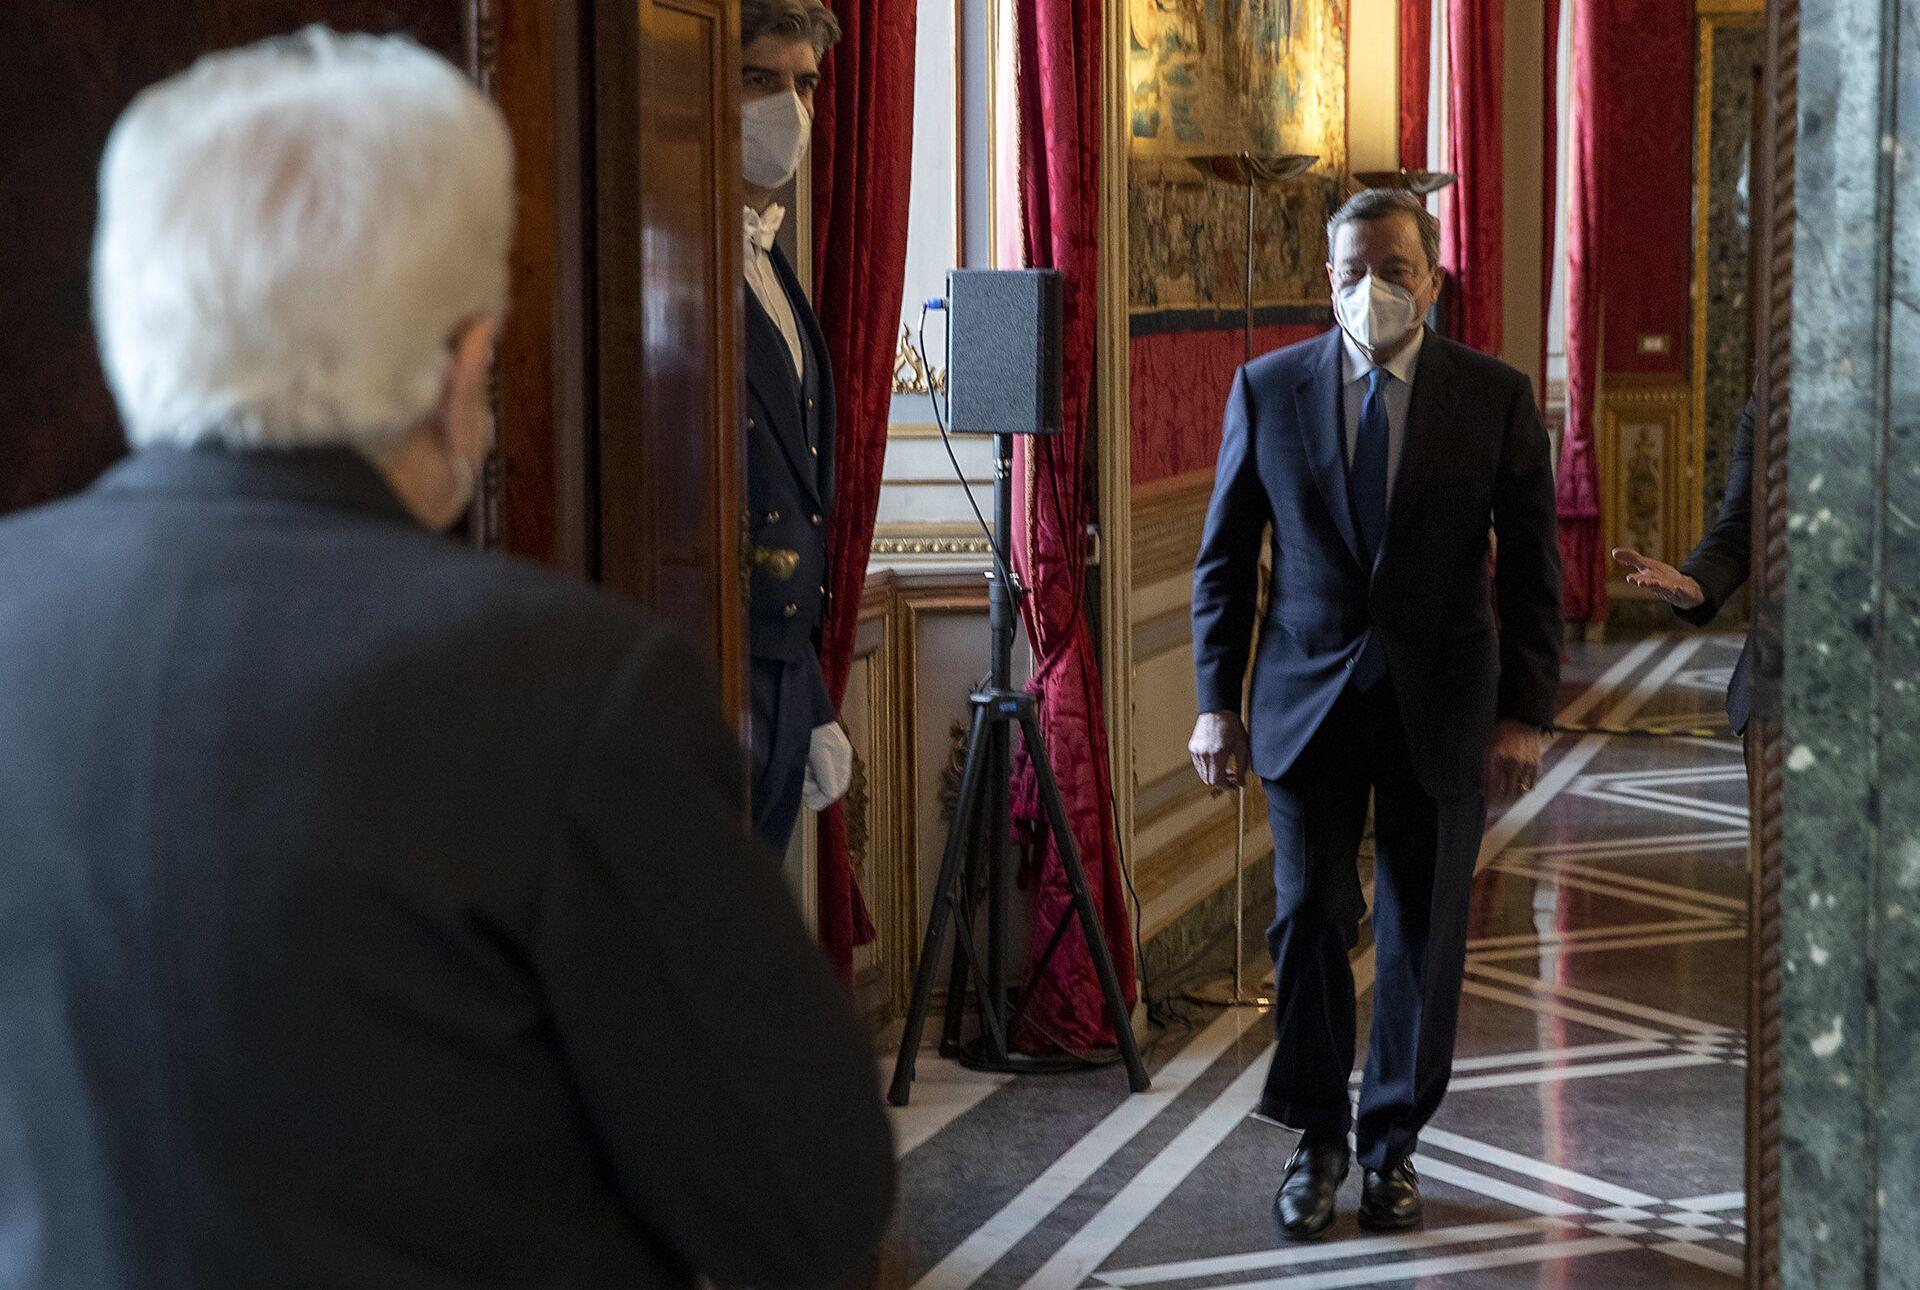 Zingaretti: Ci fidiamo di Draghi e siamo al lavoro per un governo forte - Sputnik Italia, 1920, 05.02.2021